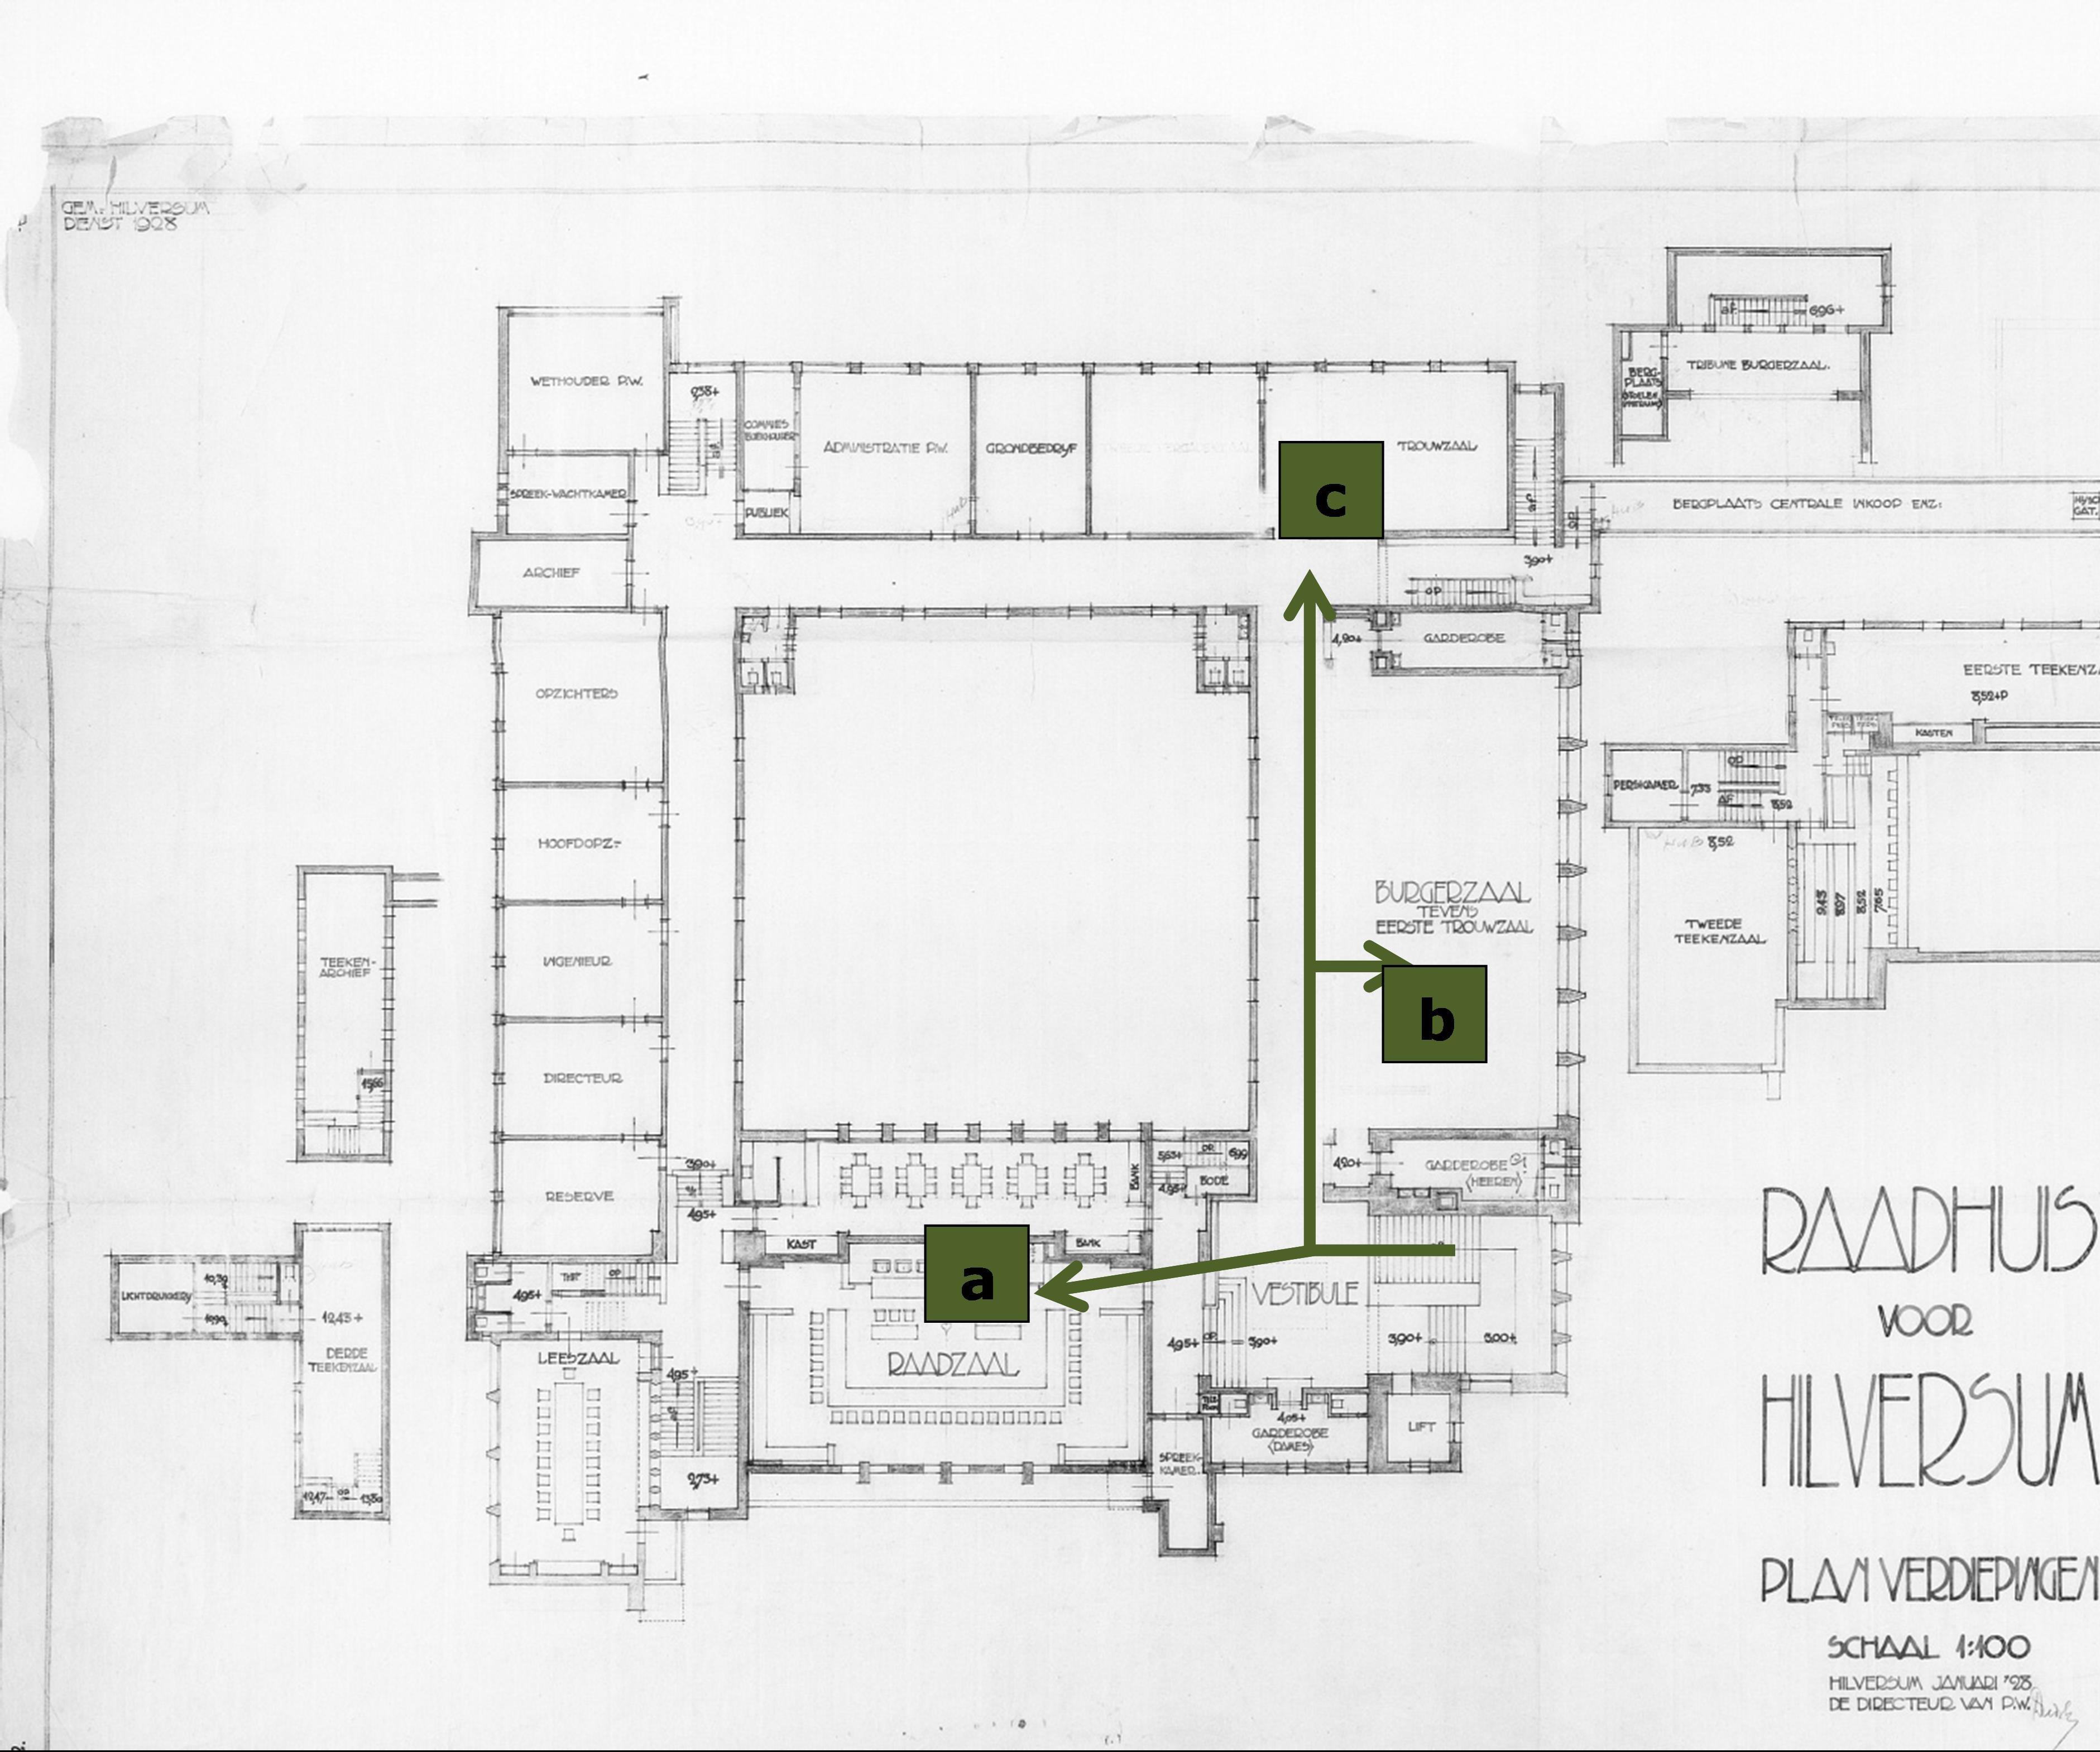 De plattegrond van de eerste verdieping van het hoofdgebouw met de raadzaal (zie a), de burgerzaal (zie b) en de trouwzaal (zie c), Streekarchief Gooi en Vechtstreek te Hilversum. Inventarisnummer SAGV169-2324.